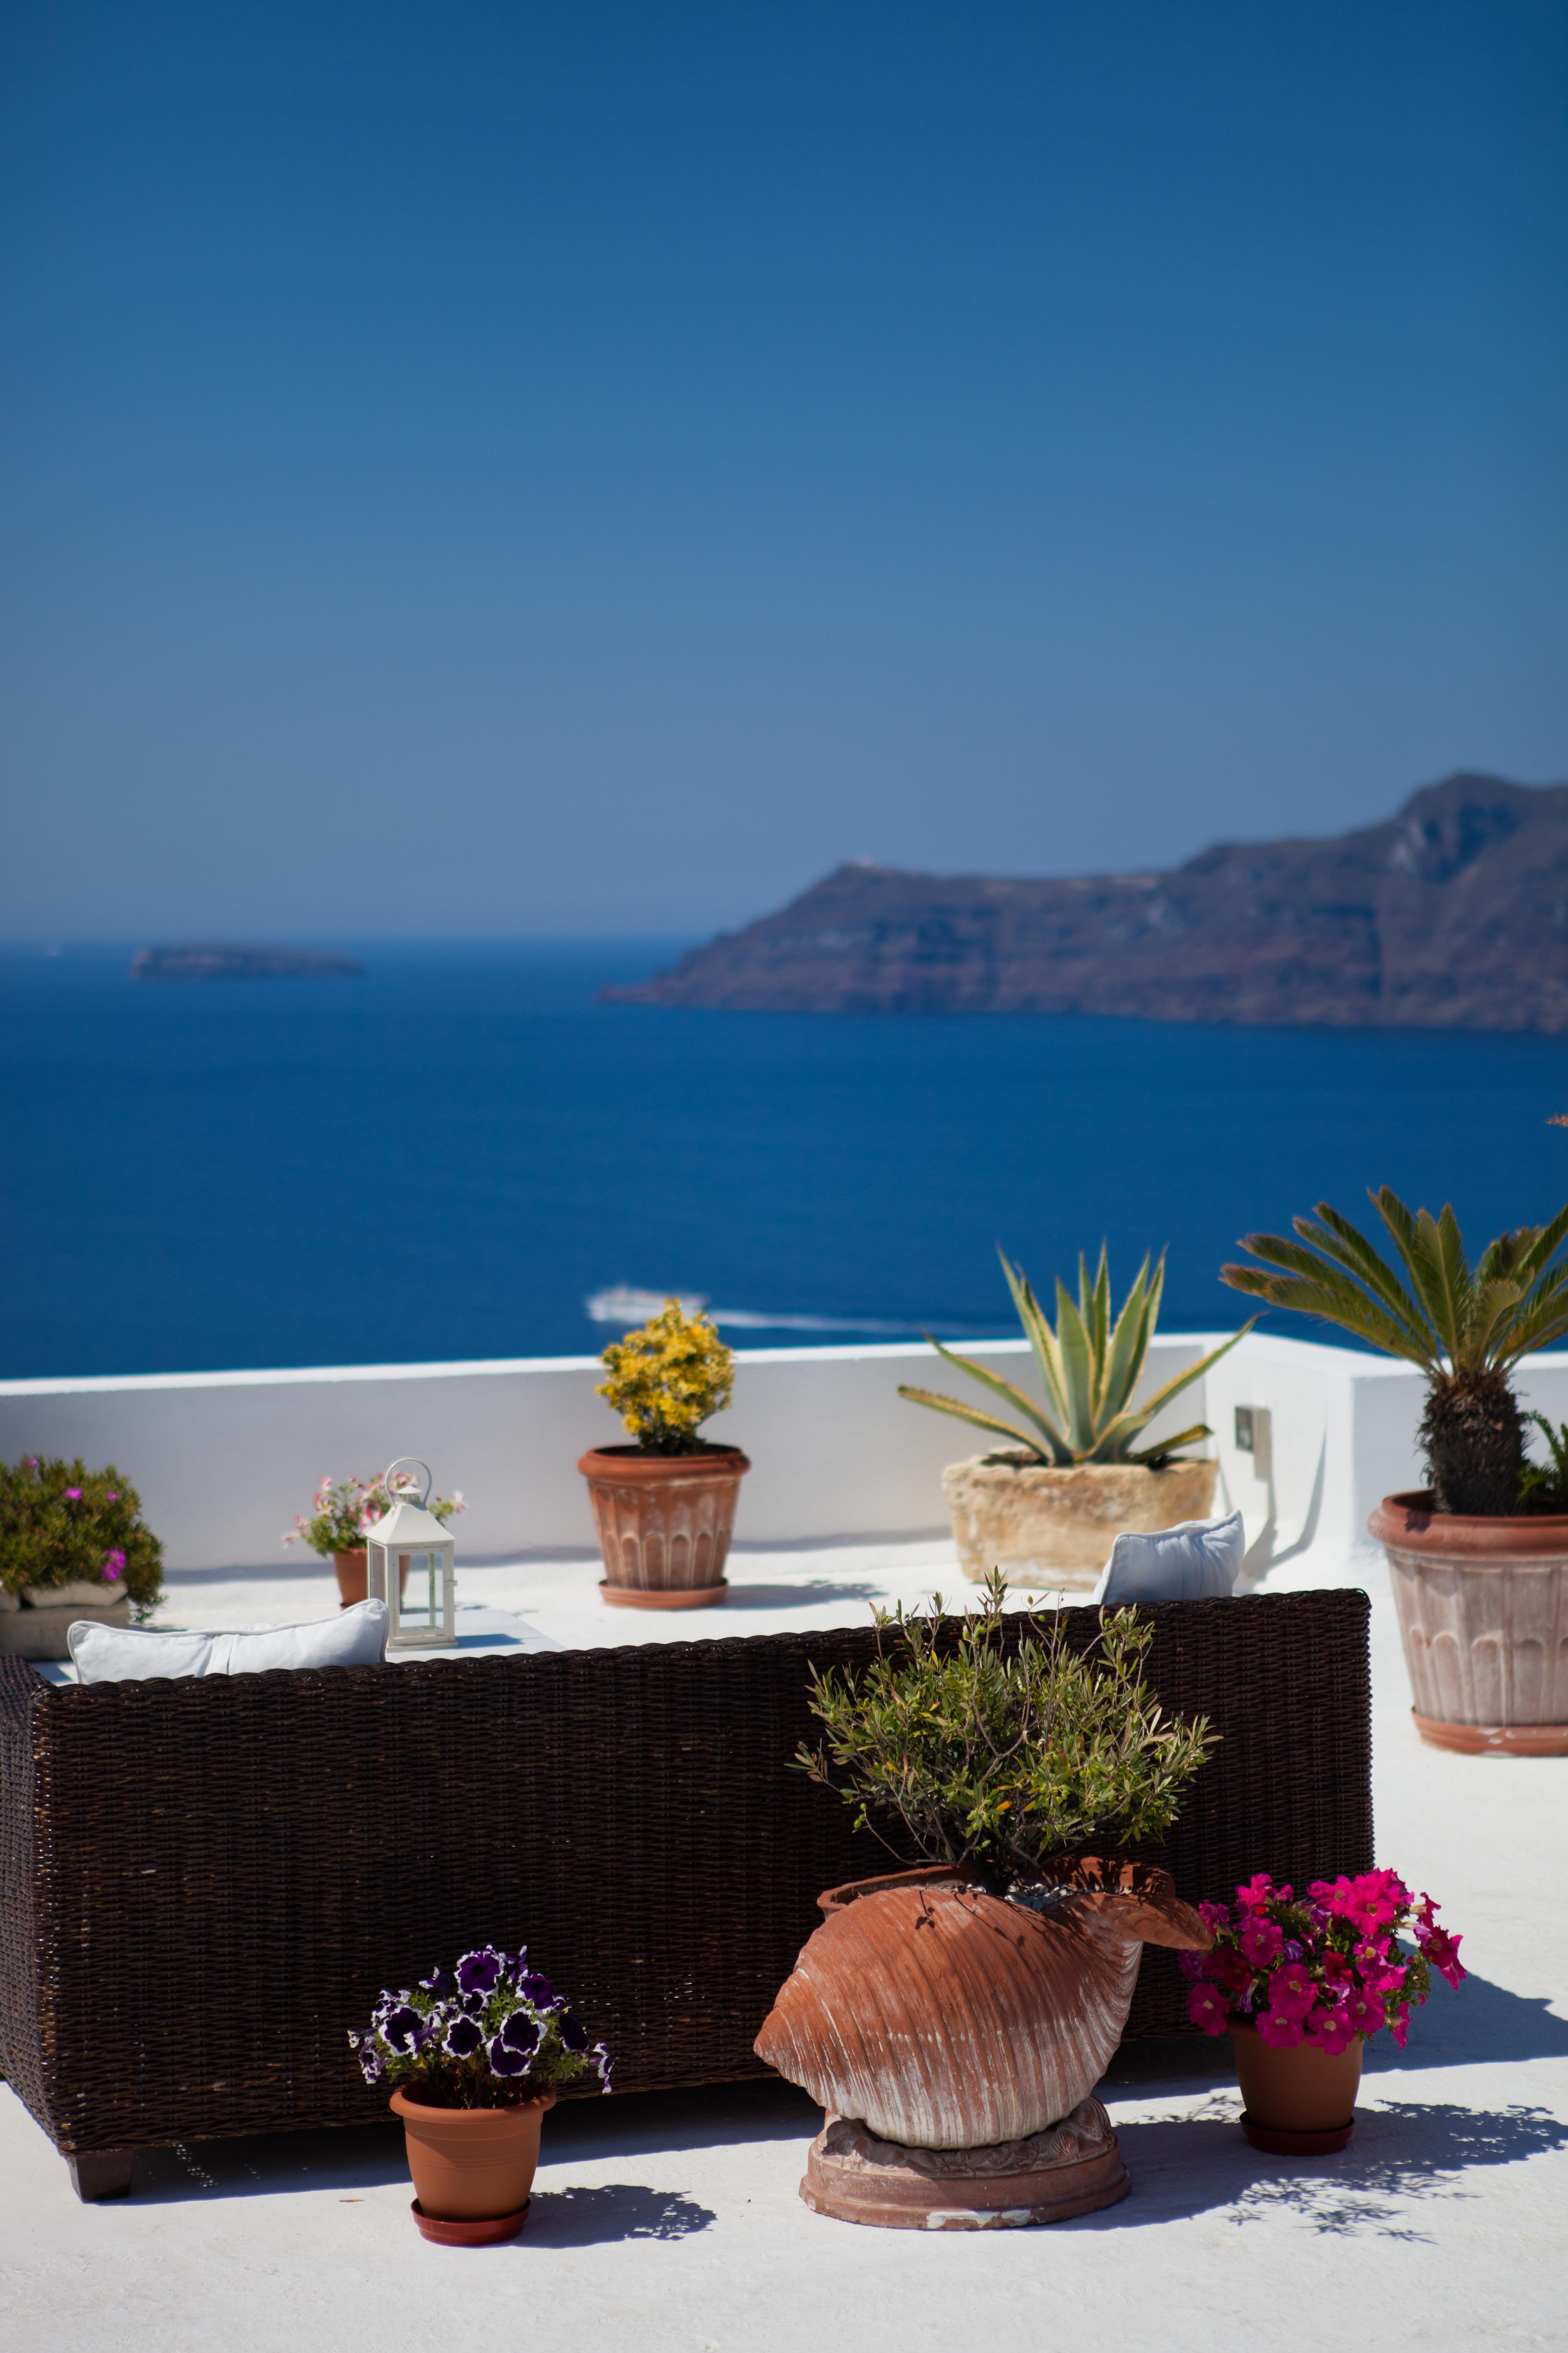 AZA_Santorini_Oia_027.jpg